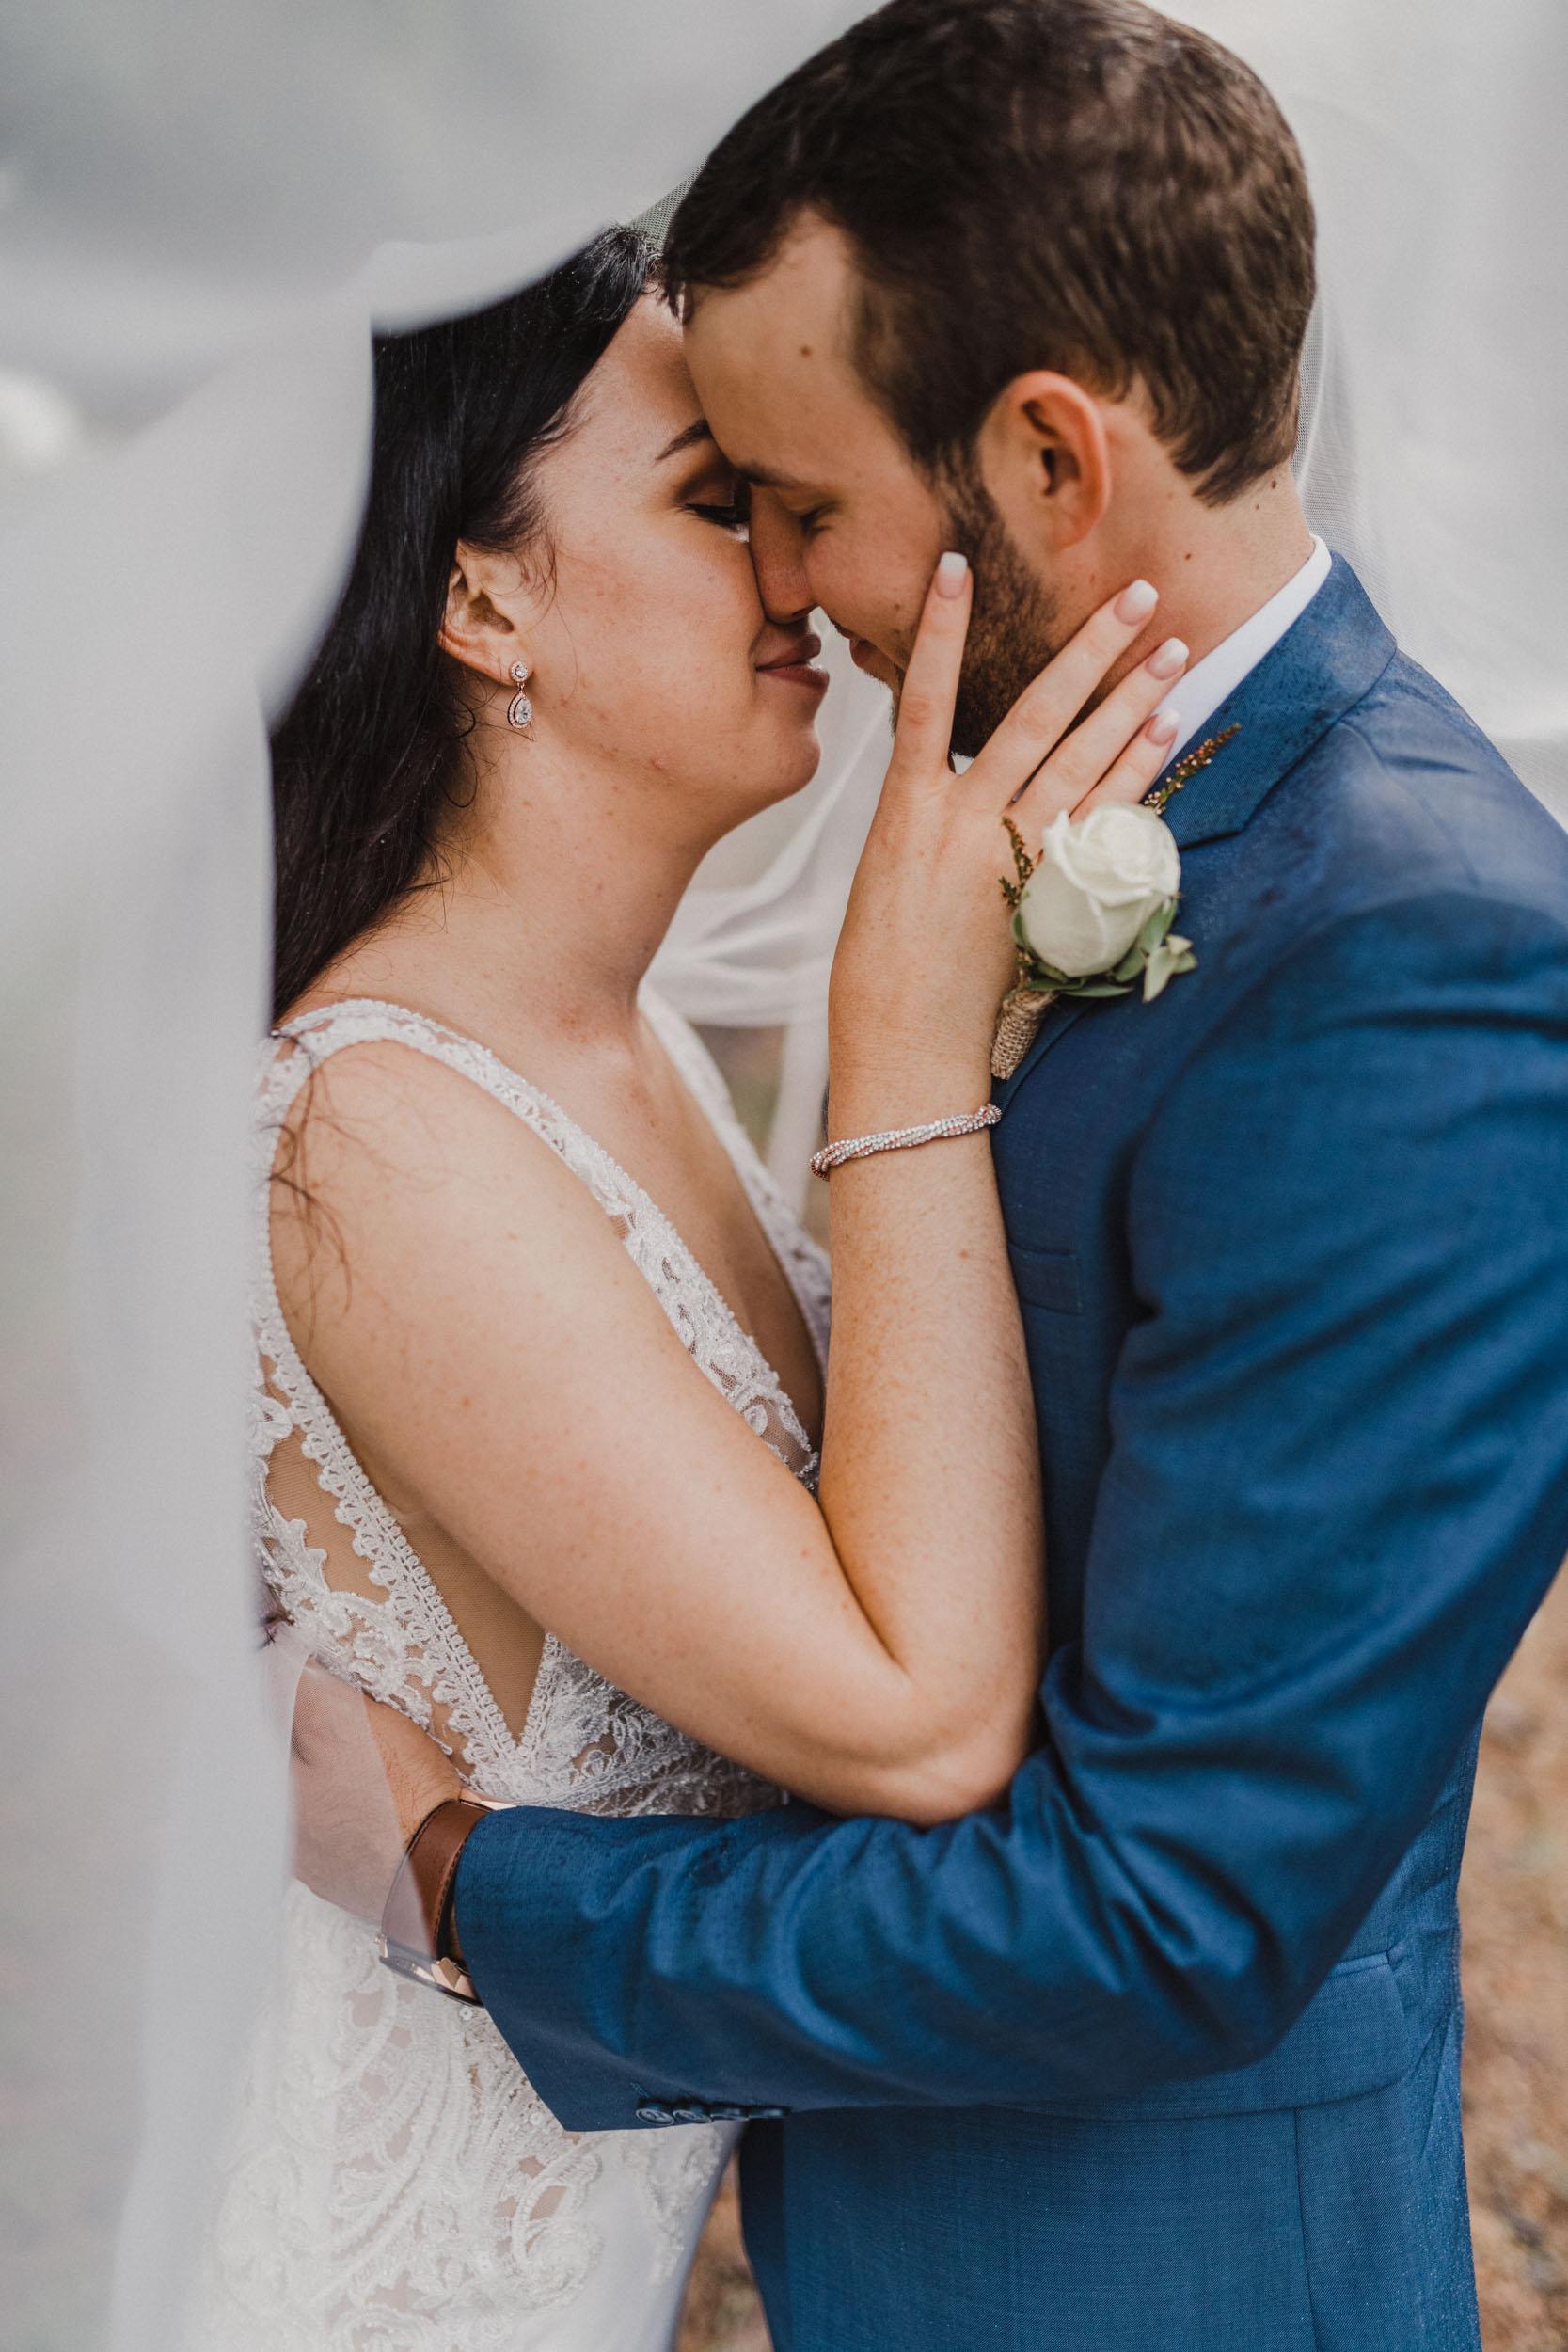 The Raw Photographer - Port Douglas Wedding Photographer - St Mary Church - Cairns Beach Photos-49.jpg